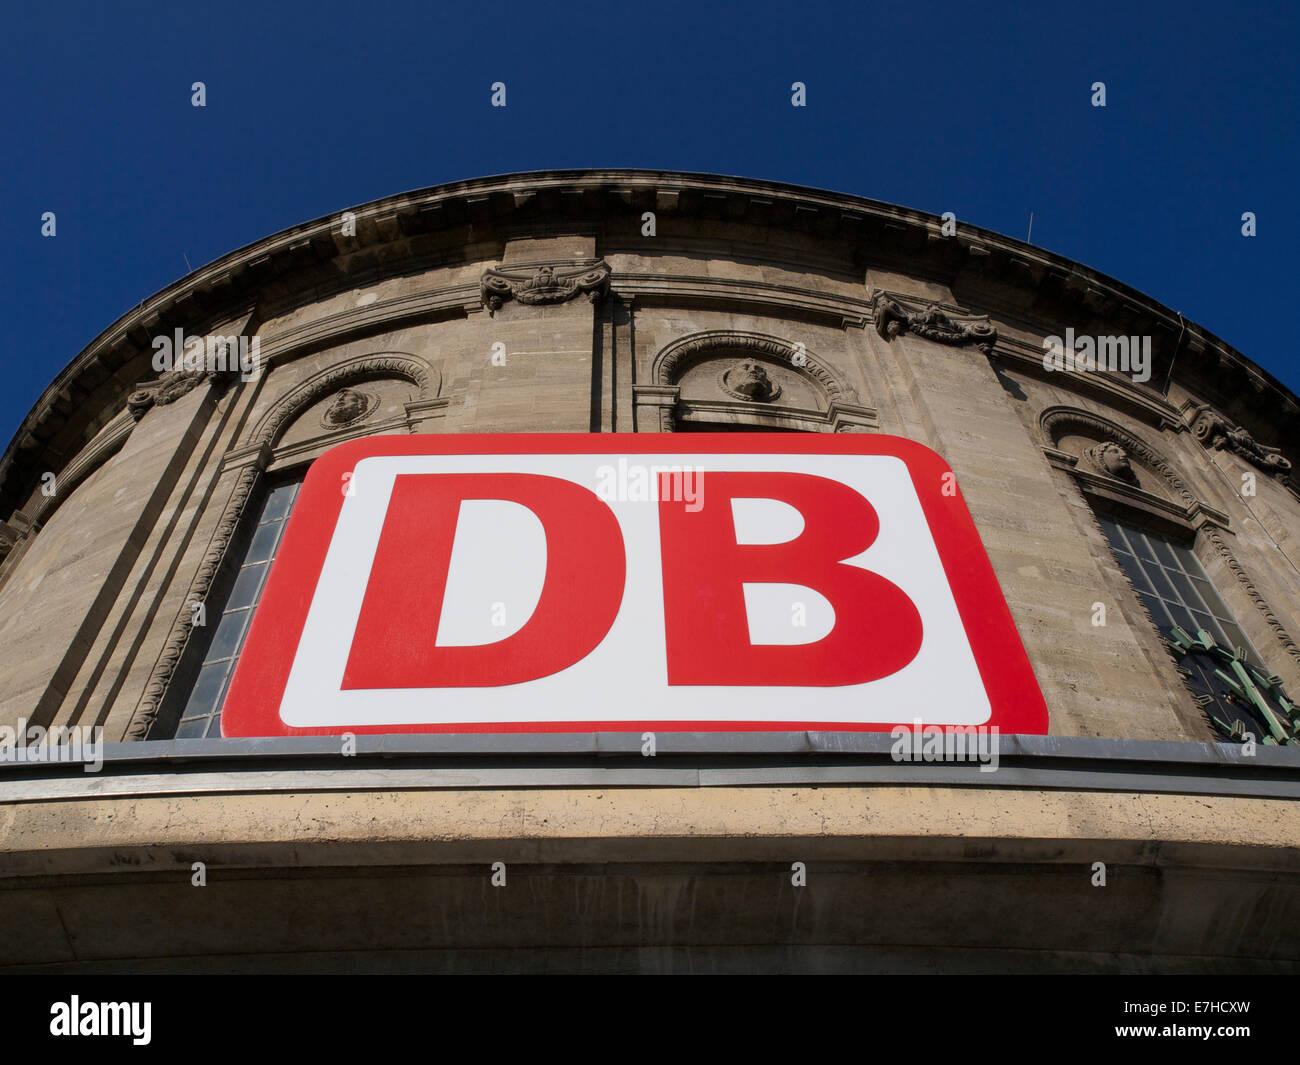 Deutsche Bahn-Logo, die Deutsche Bahn AG, auf der Station Messe/Deutz in Köln, Deutschland Stockbild